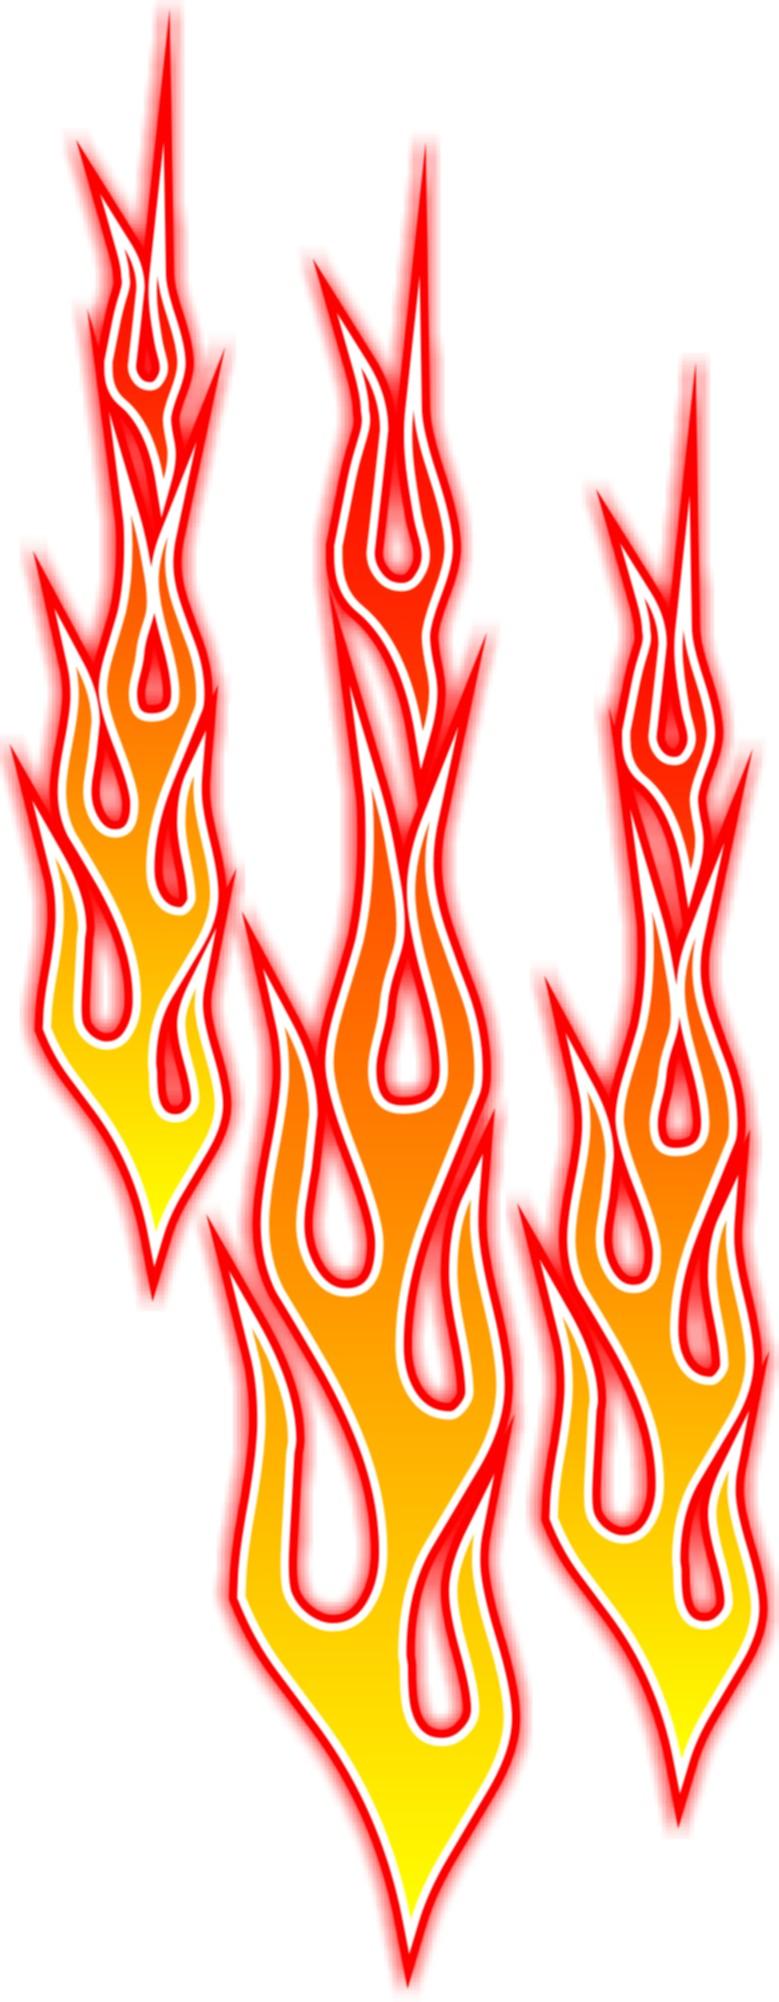 Flames clipart race car Clipartix clipartix clipart  flame